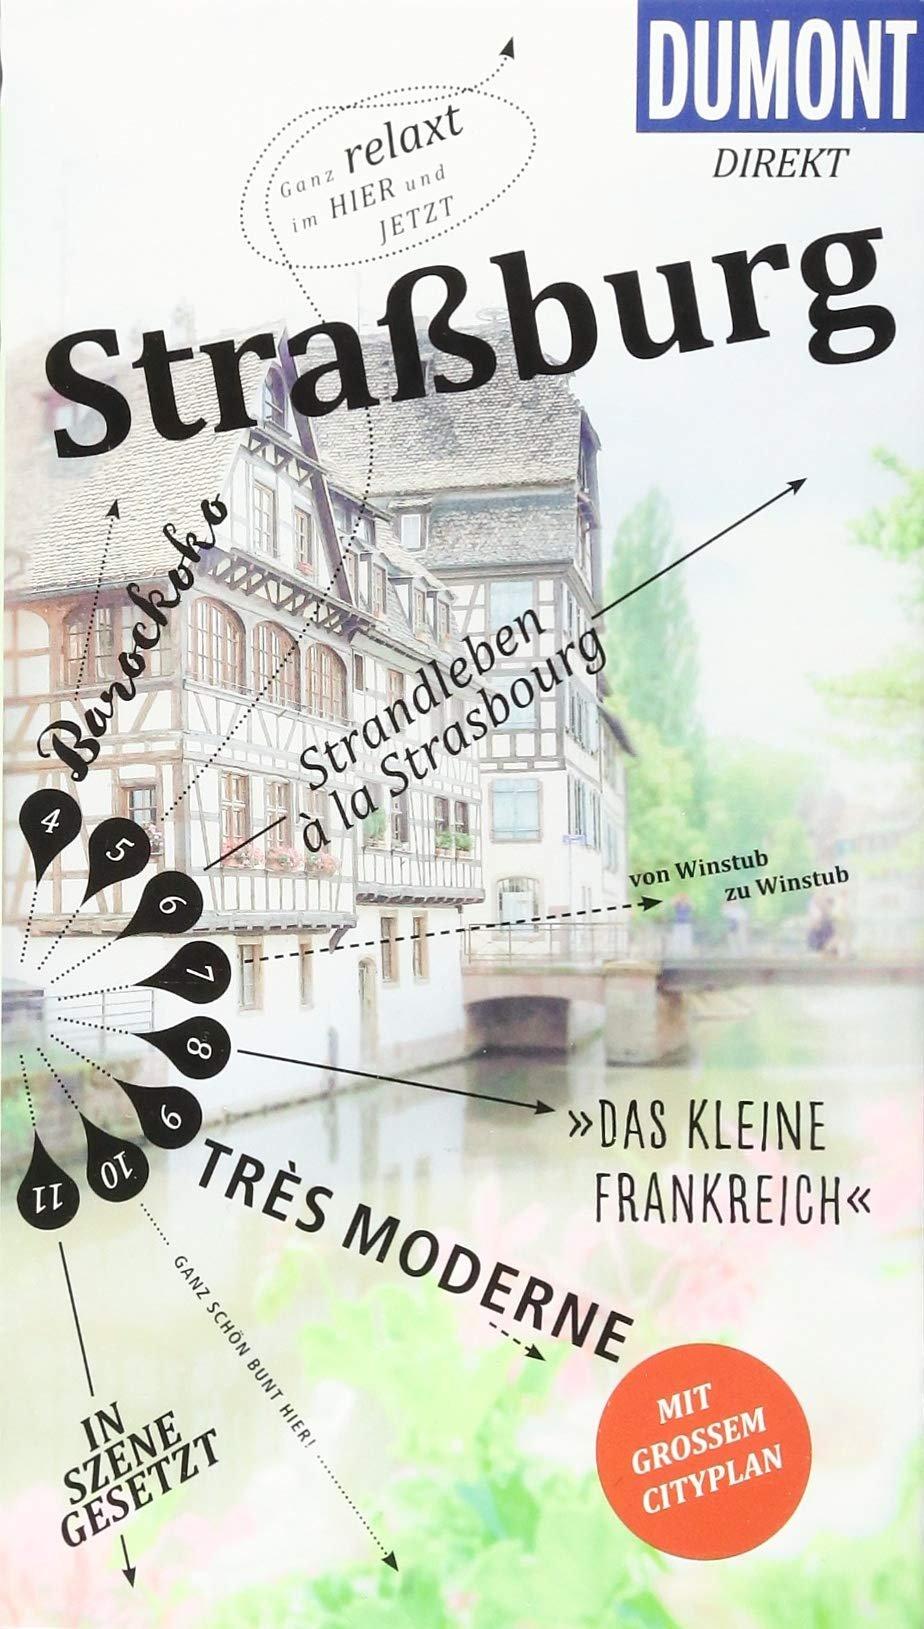 Strassburg 9783770184620  Dumont Dumont direkt  Reisgidsen Vogezen